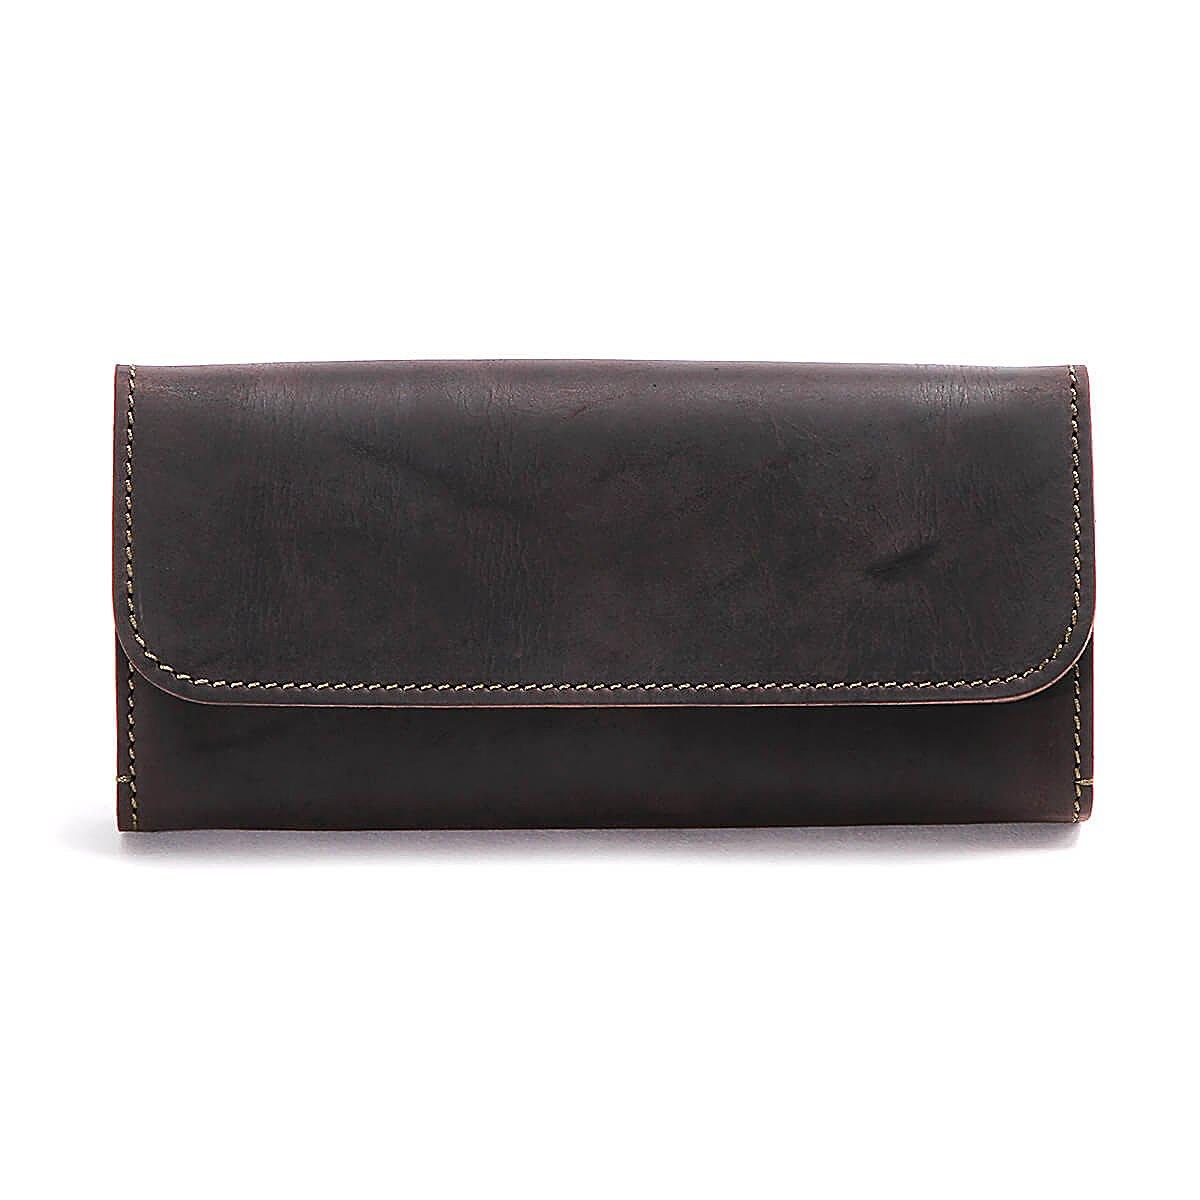 5f3826f81b8f スロウ 長財布 long kudu 333S26C B077TCFC13 ブラック ブラック wallet ...